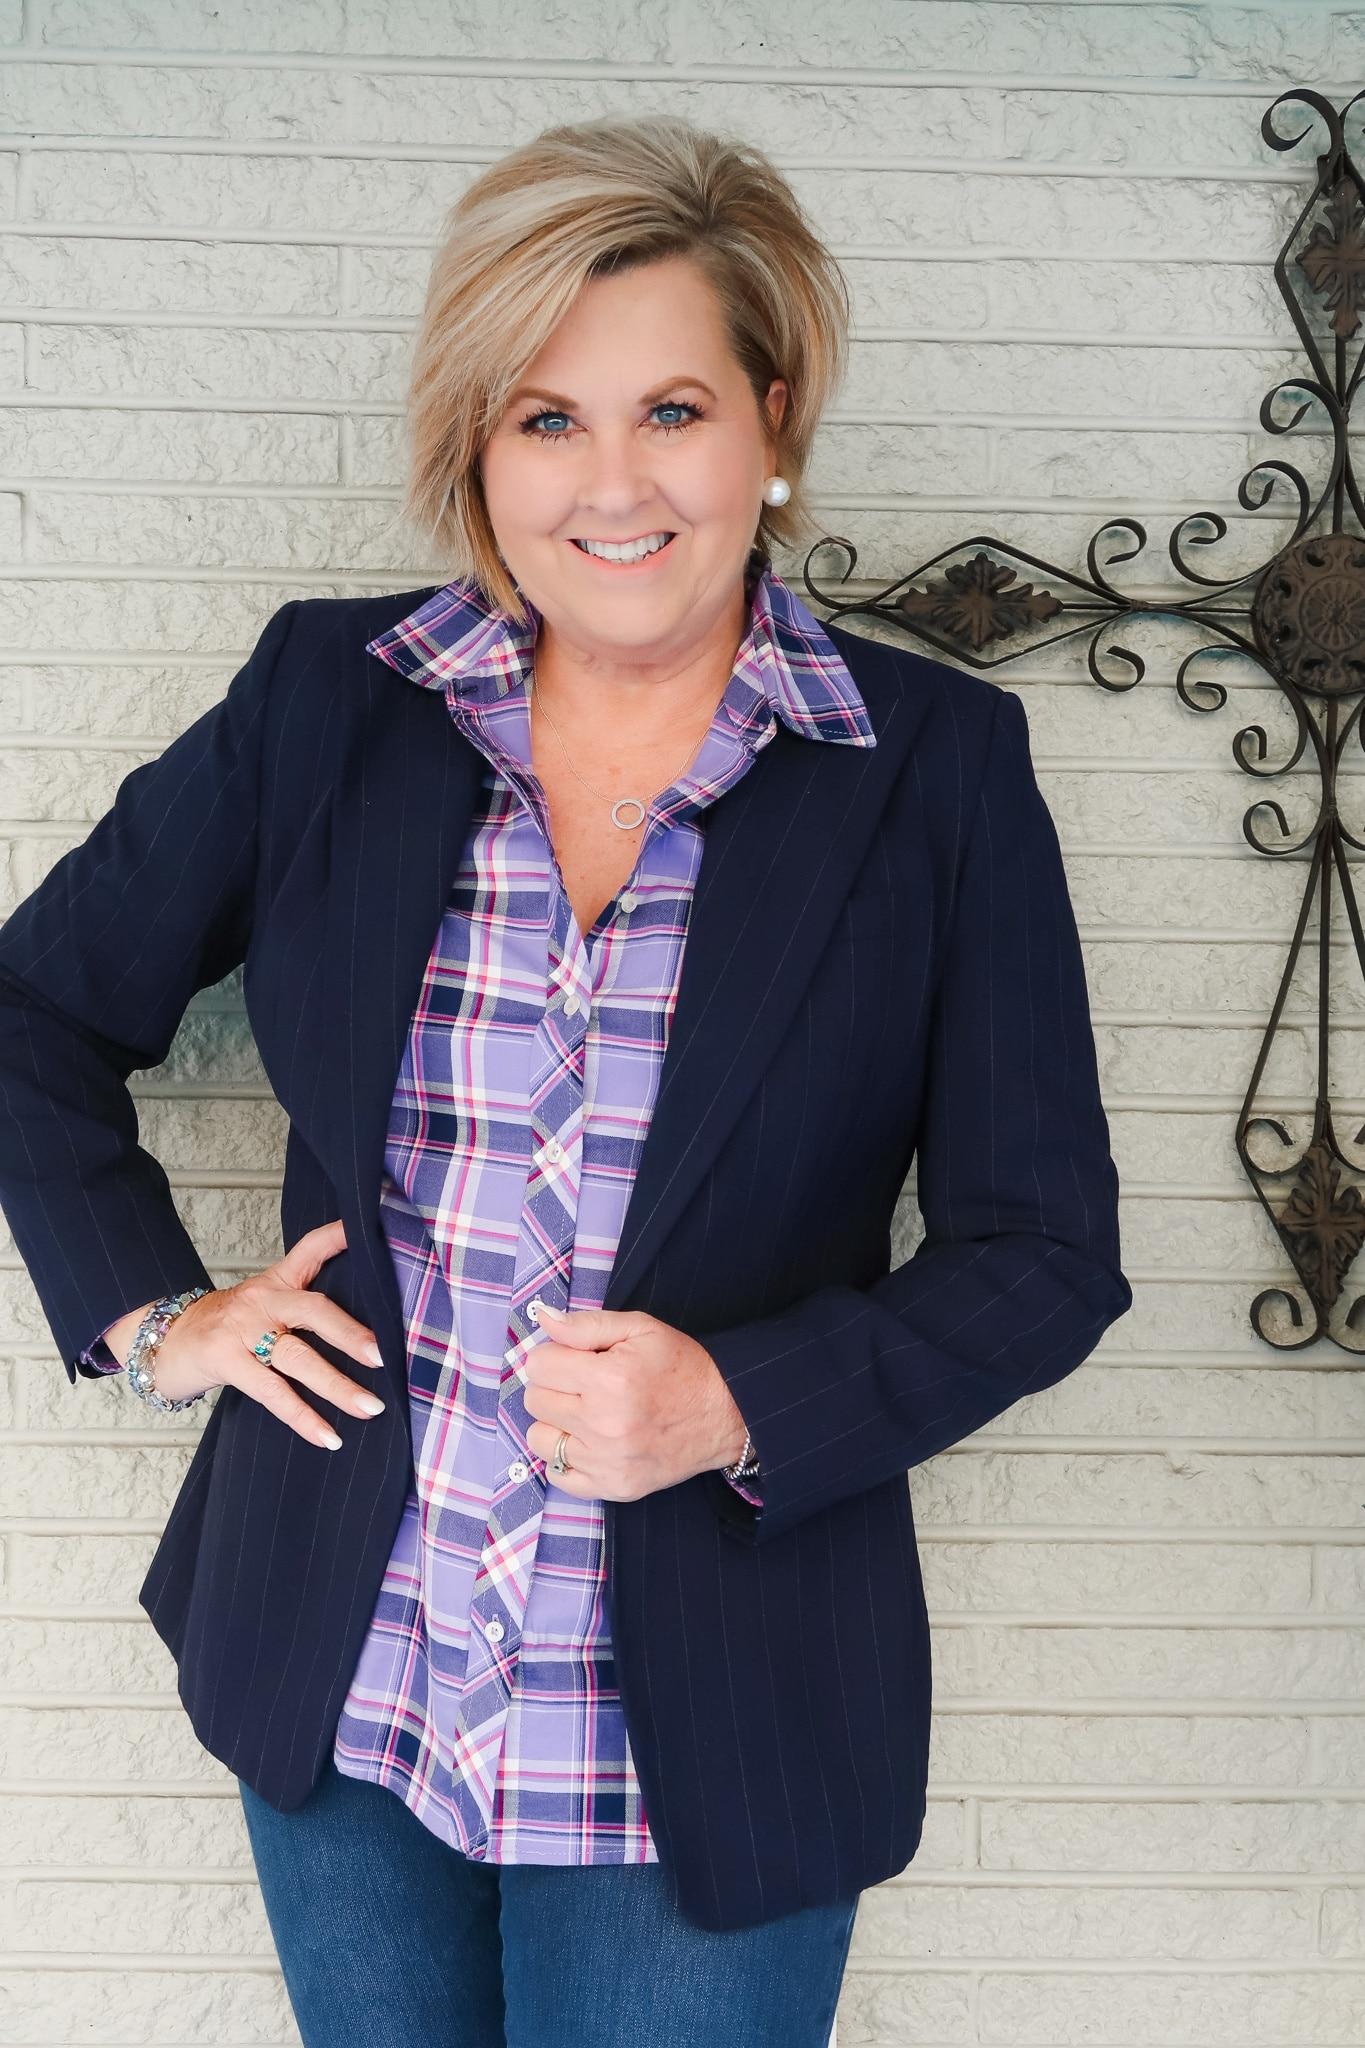 Purple plaid shirt and blue Blazer